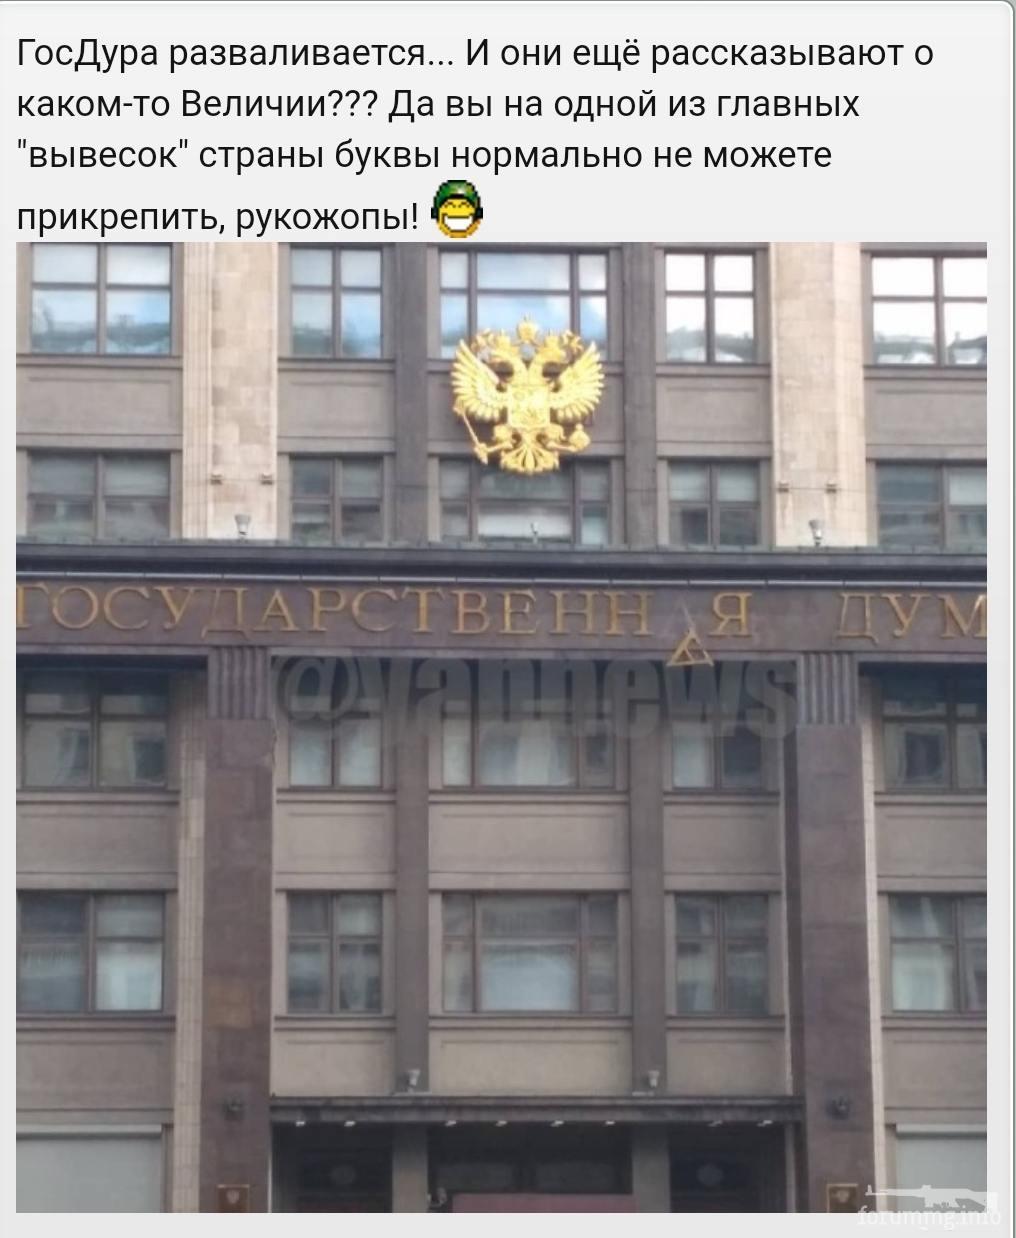 130457 - А в России чудеса!